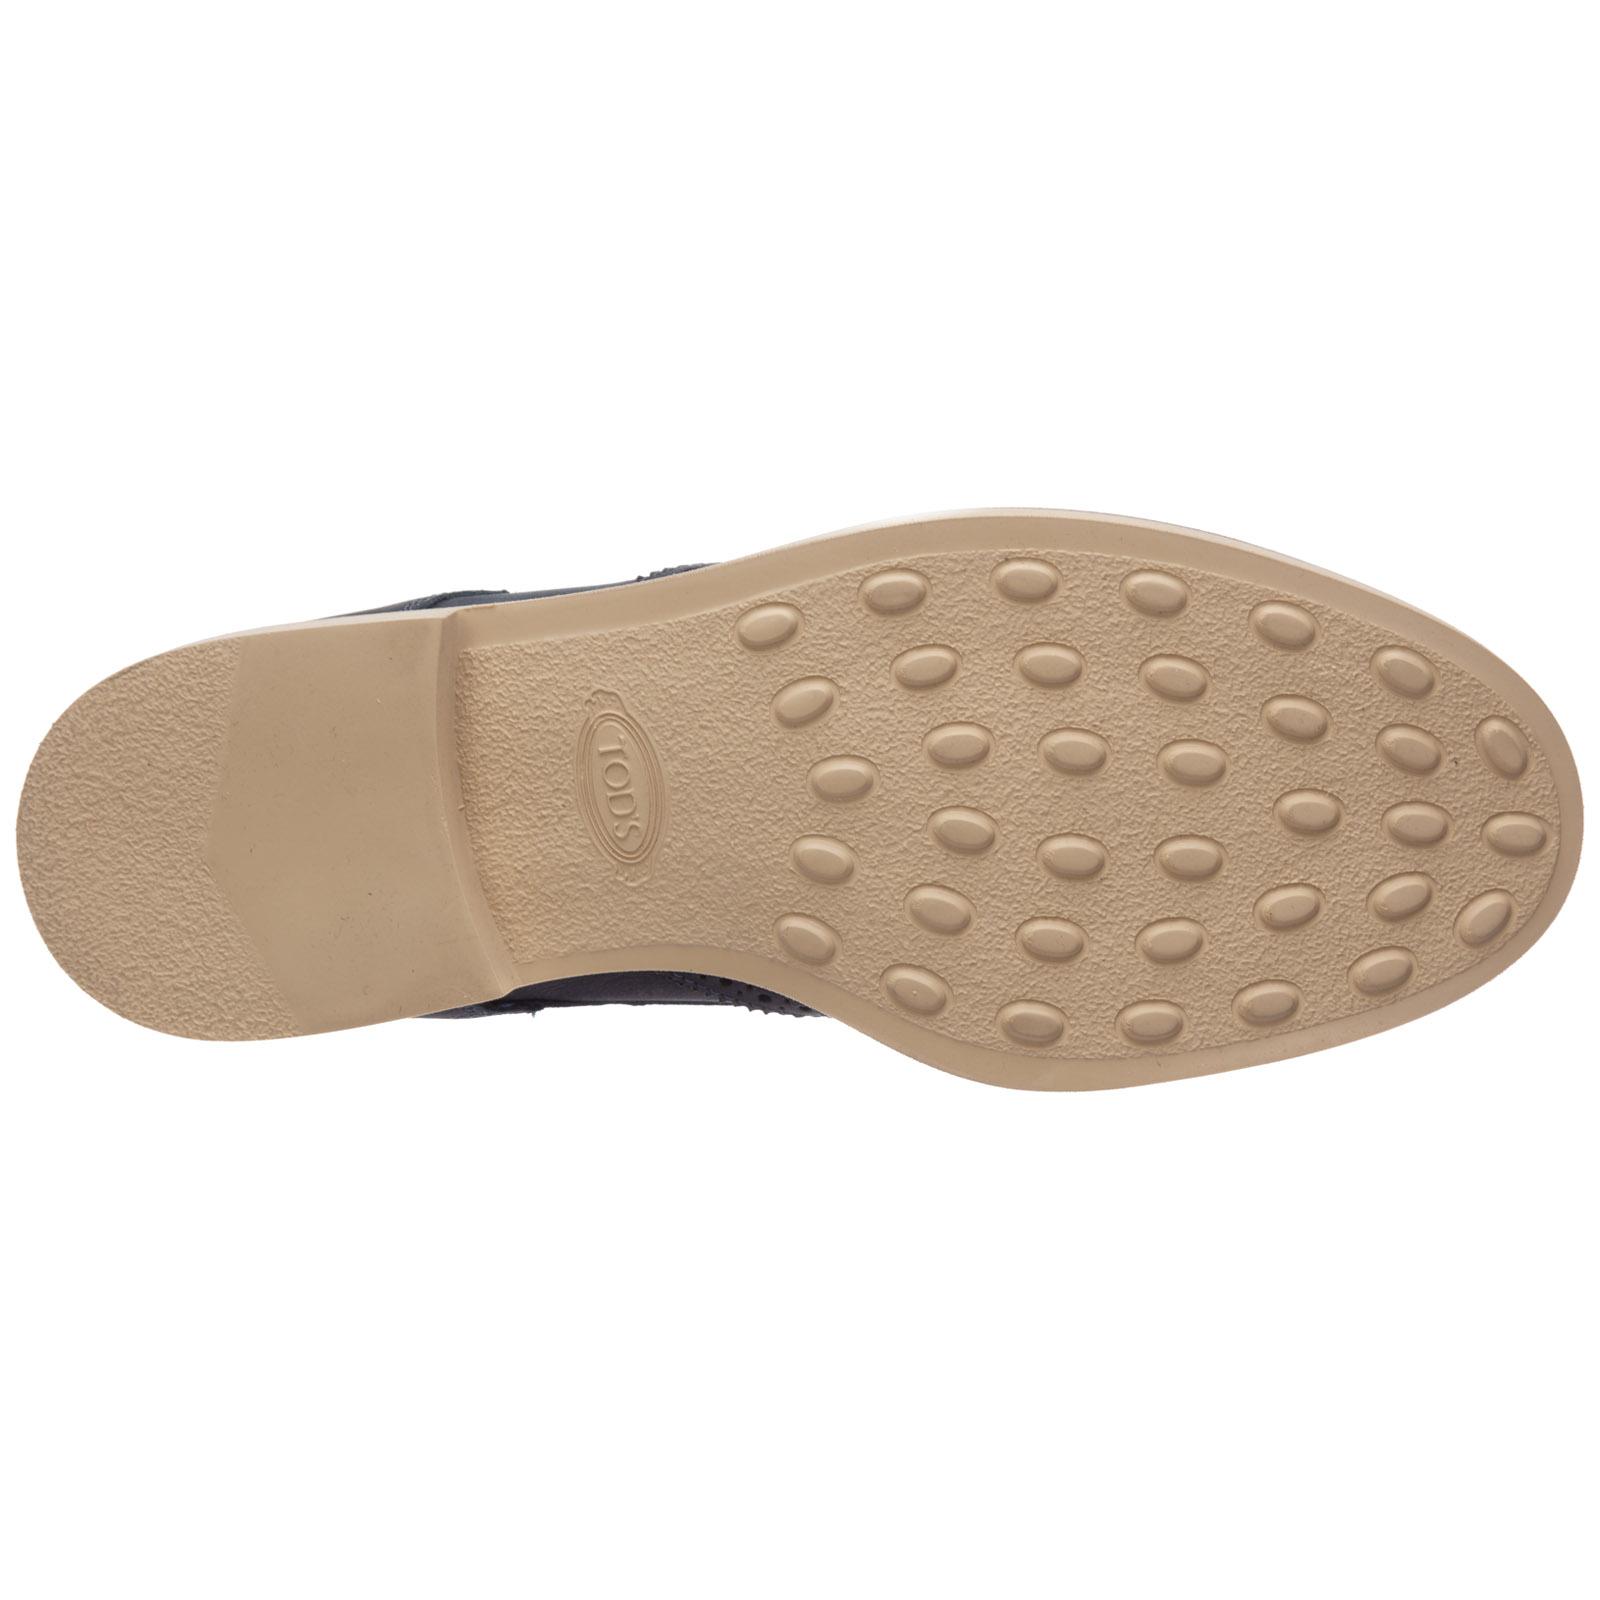 Clásico zapatos de cordones hombres en piel derby